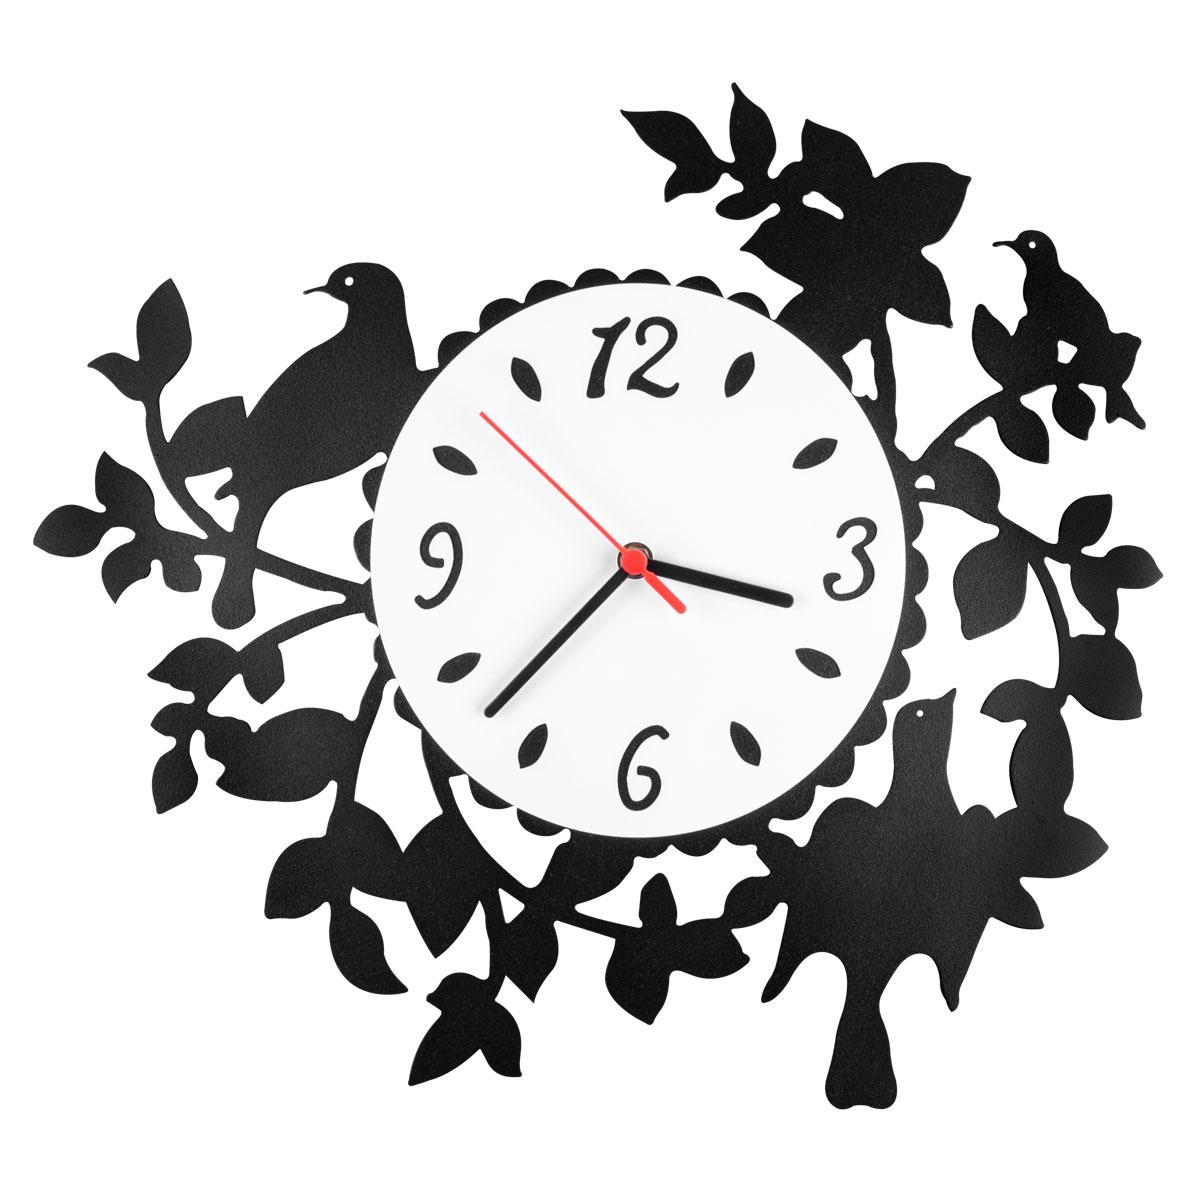 Часы настенные Miolla СадCH009Оригинальные настенные часы круглой формы выполнены из стали. Часы имеют три стрелки - часовую, минутную и секундную и циферблат с цифрами. Необычное дизайнерское решение и качество исполнения придутся по вкусу каждому. Часы работают от 1 батарейки типа АА напряжением 1,5 В.